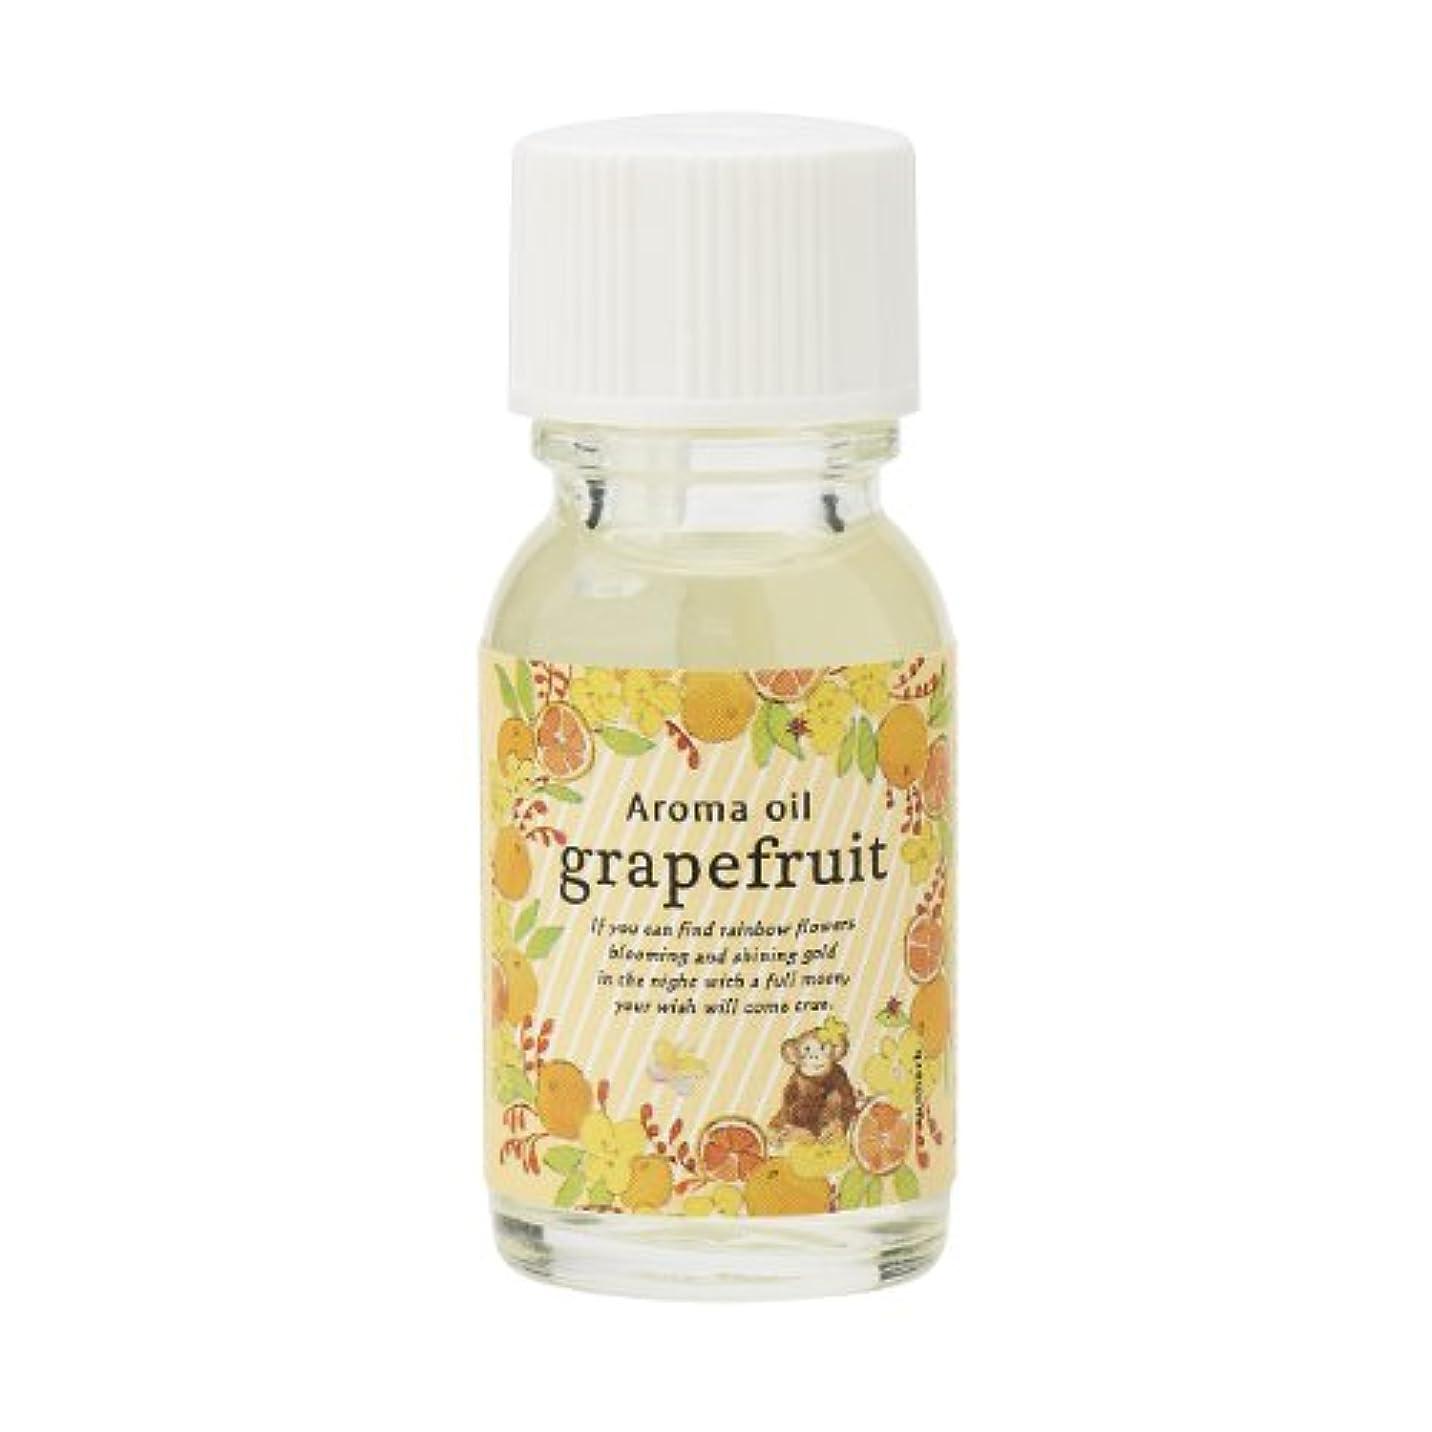 スプレー除外する幸運サンハーブ アロマオイル グレープフルーツ 13ml(シャキっとまぶしい柑橘系の香り)